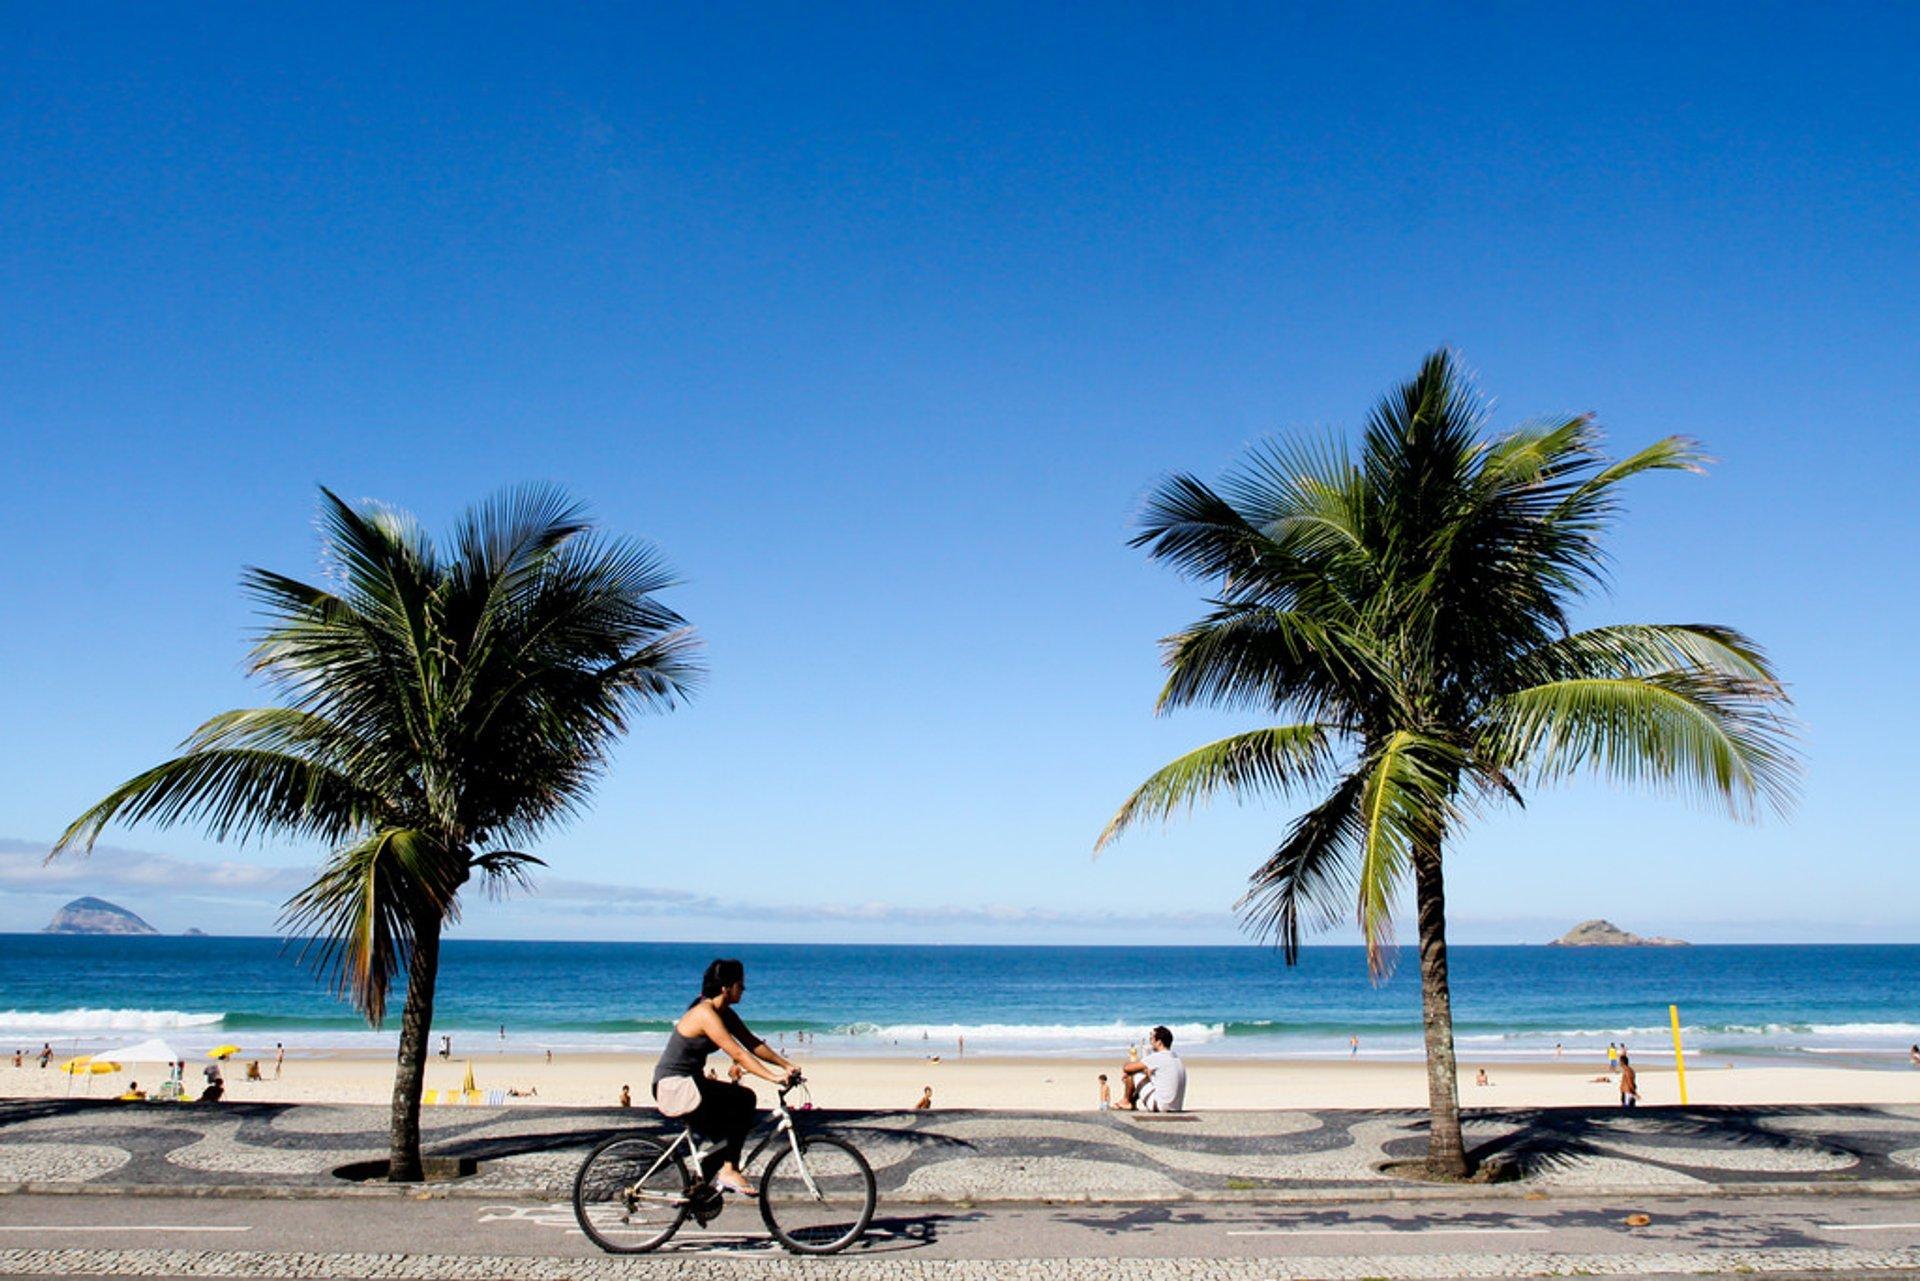 Cycling in Rio de Janeiro 2020 - Best Time